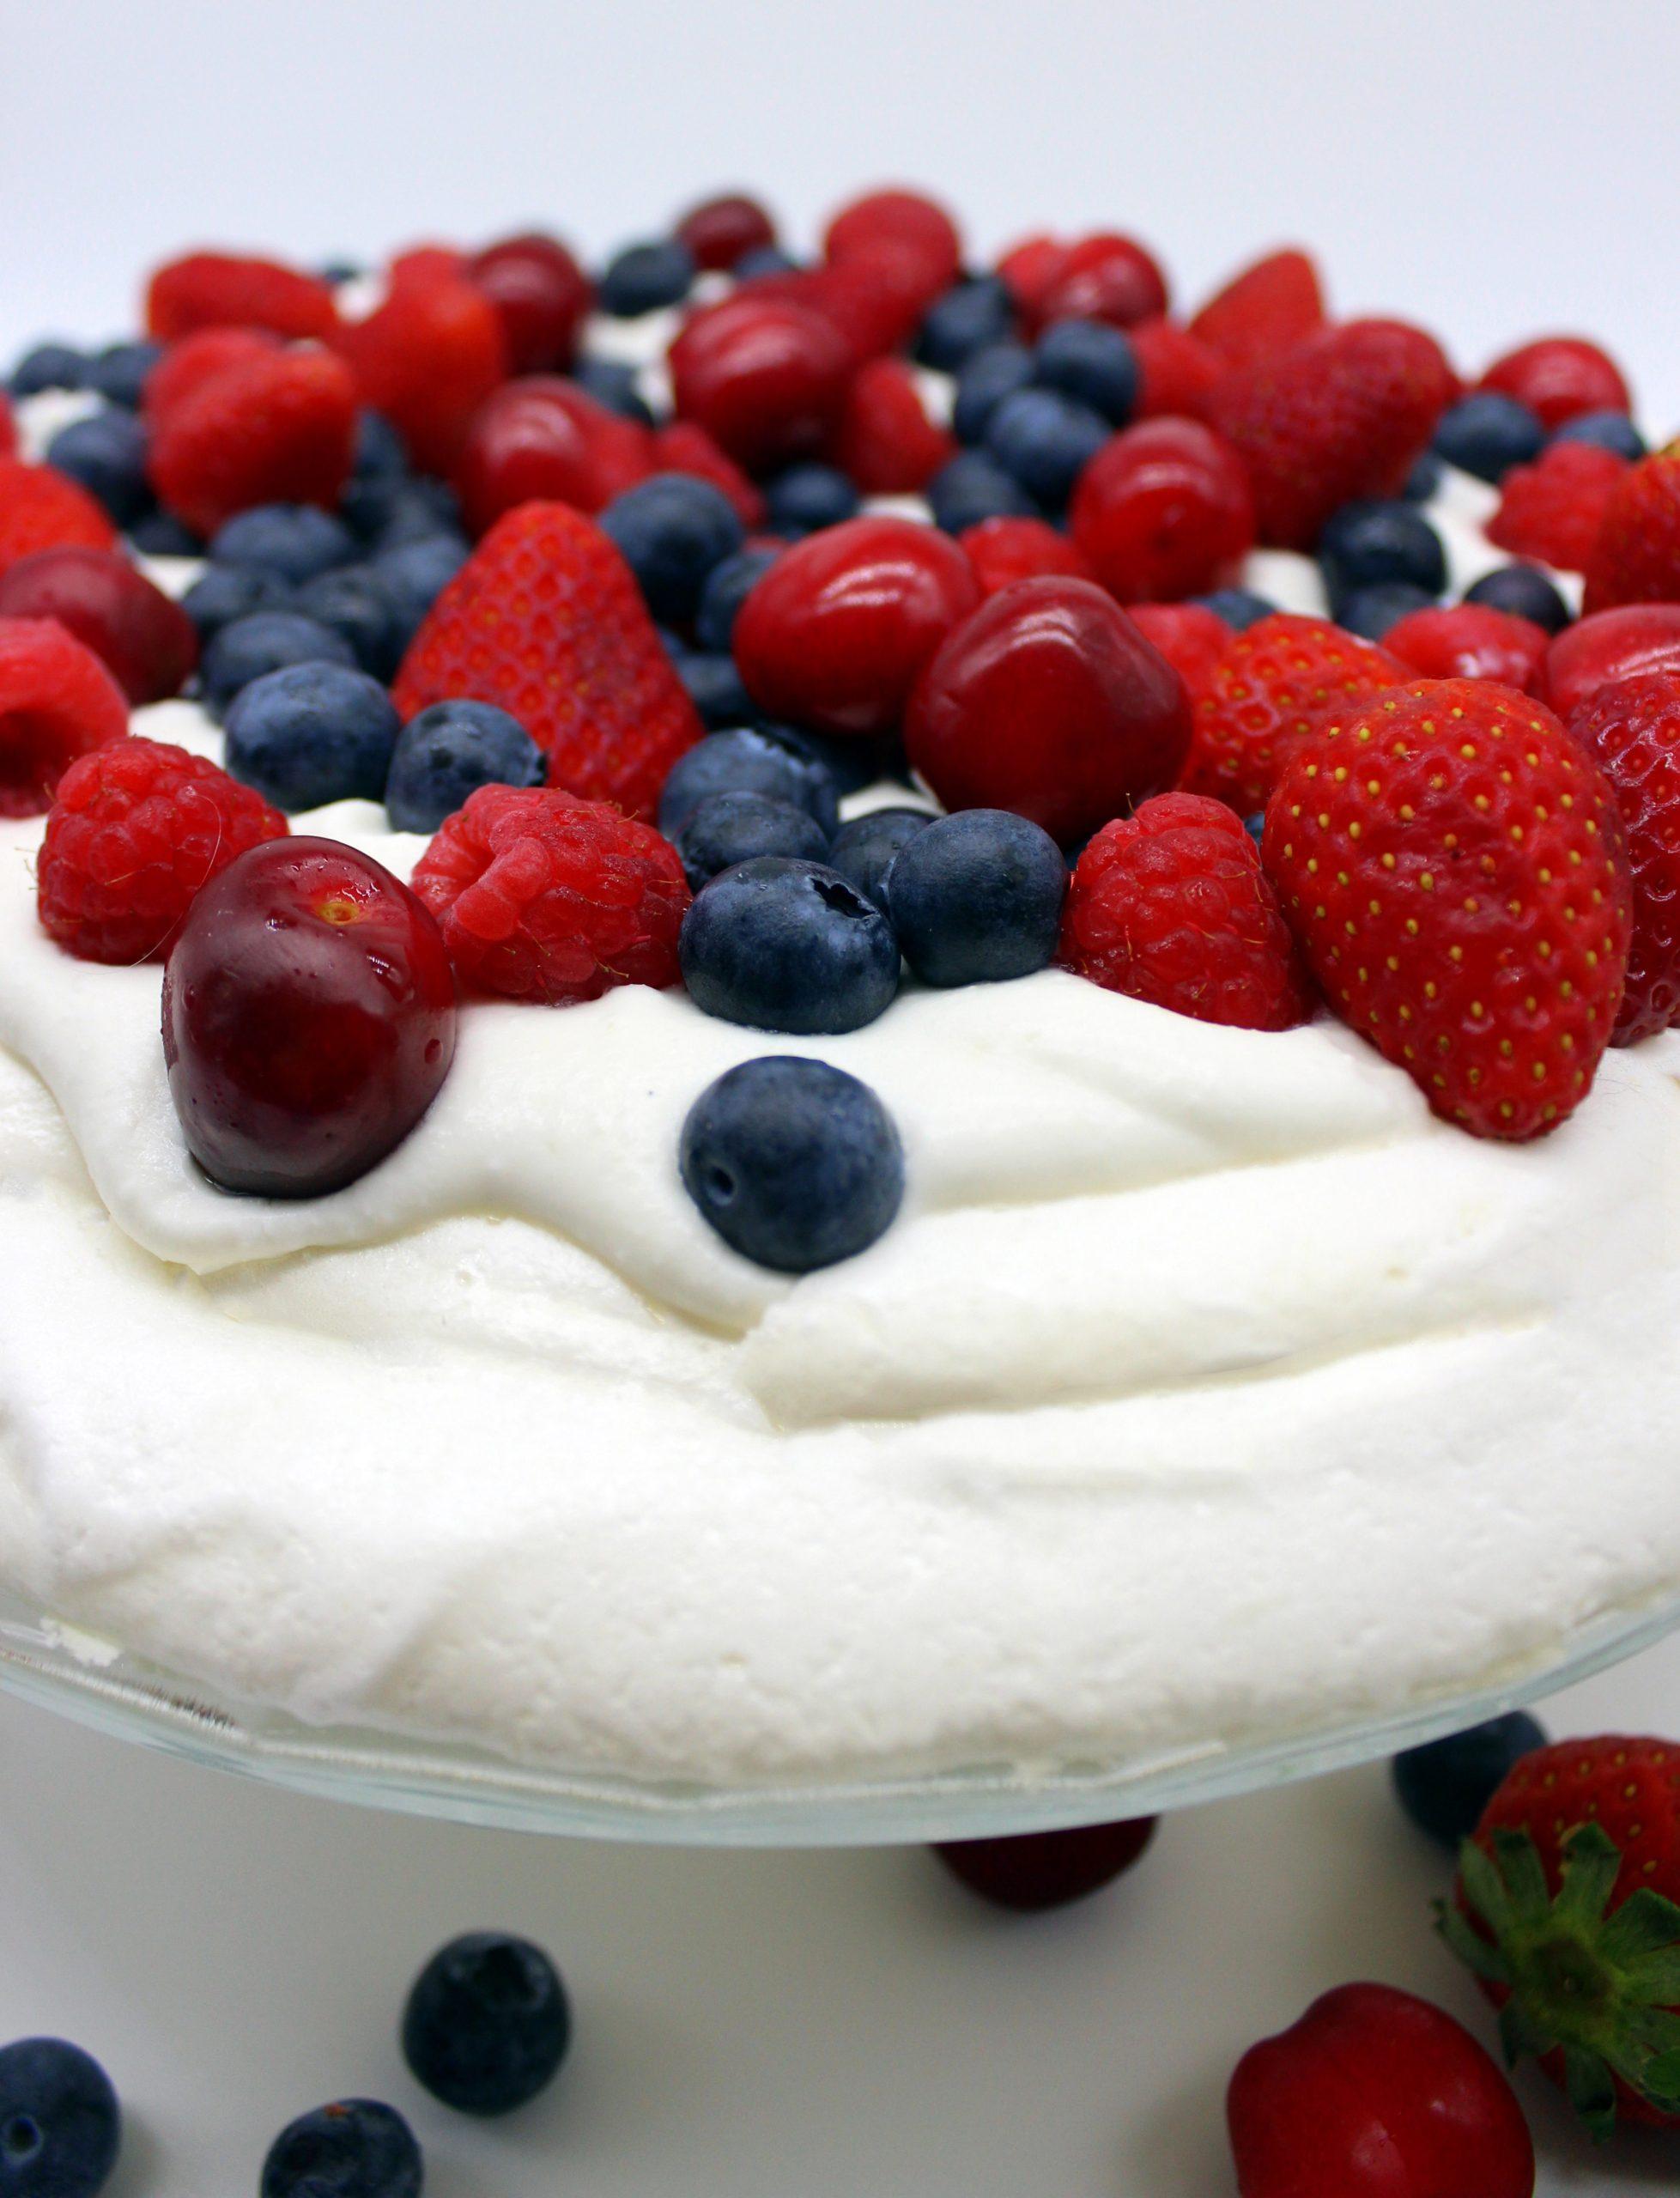 Dessert in close up